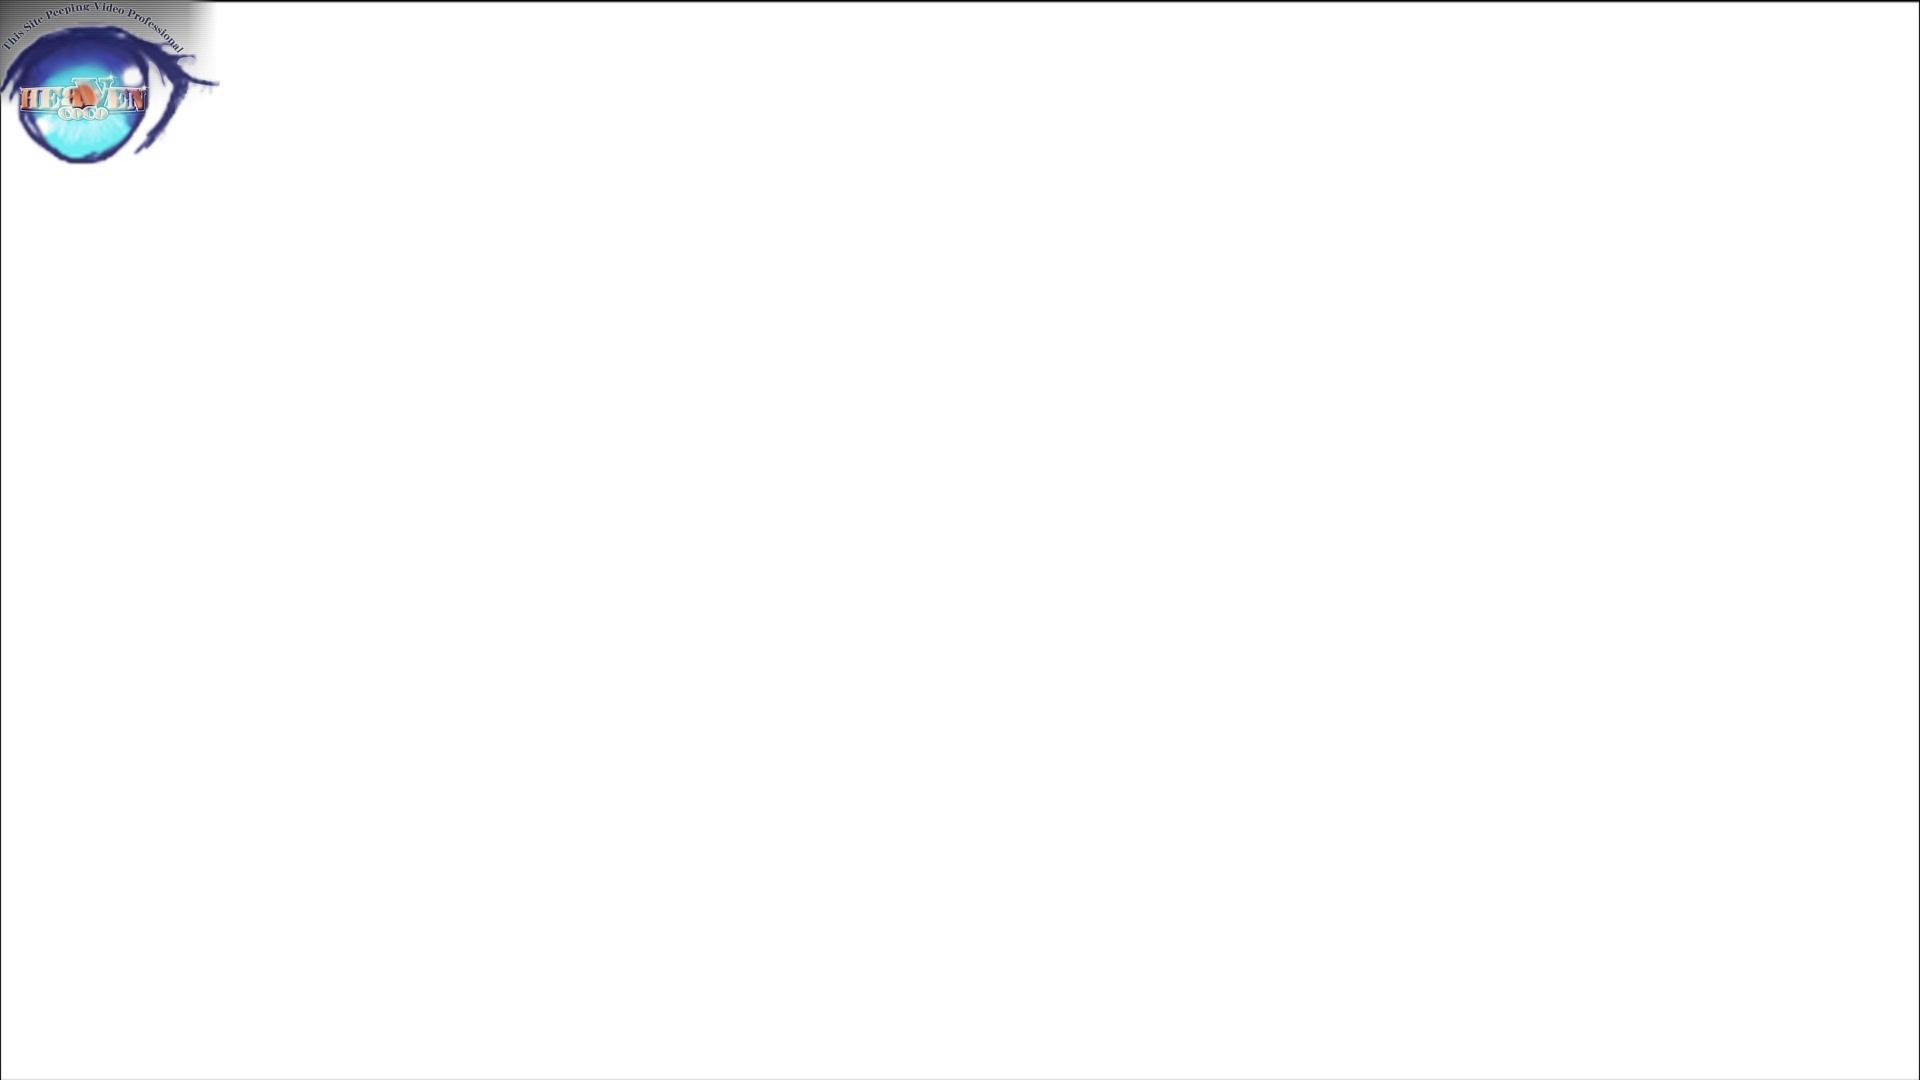 洗面所突入レポート!!お銀 vol.67 新たな場所への挑戦が始まる!!後編 OLのエロ生活  95連発 6